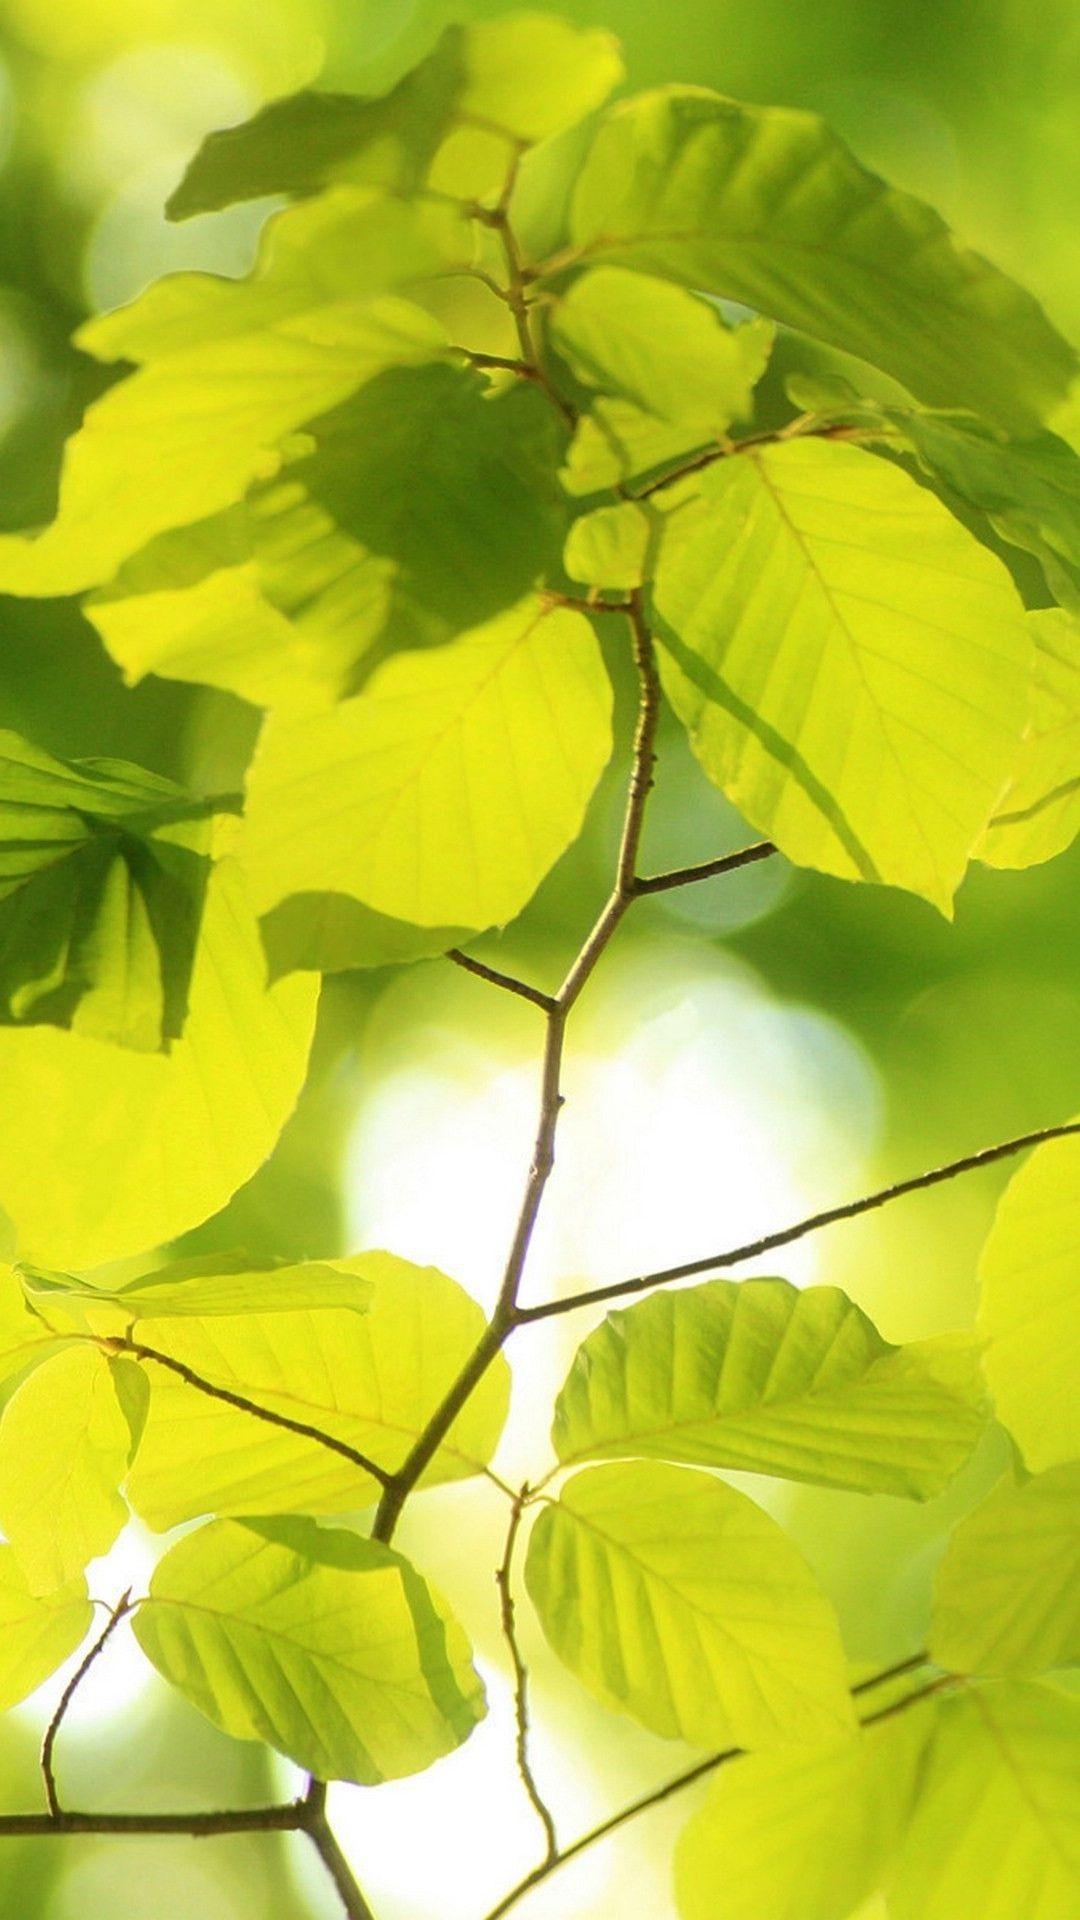 背景 壁纸 花 绿色 绿叶 树叶 植物 桌面 1080_1920 竖版 竖屏 手机